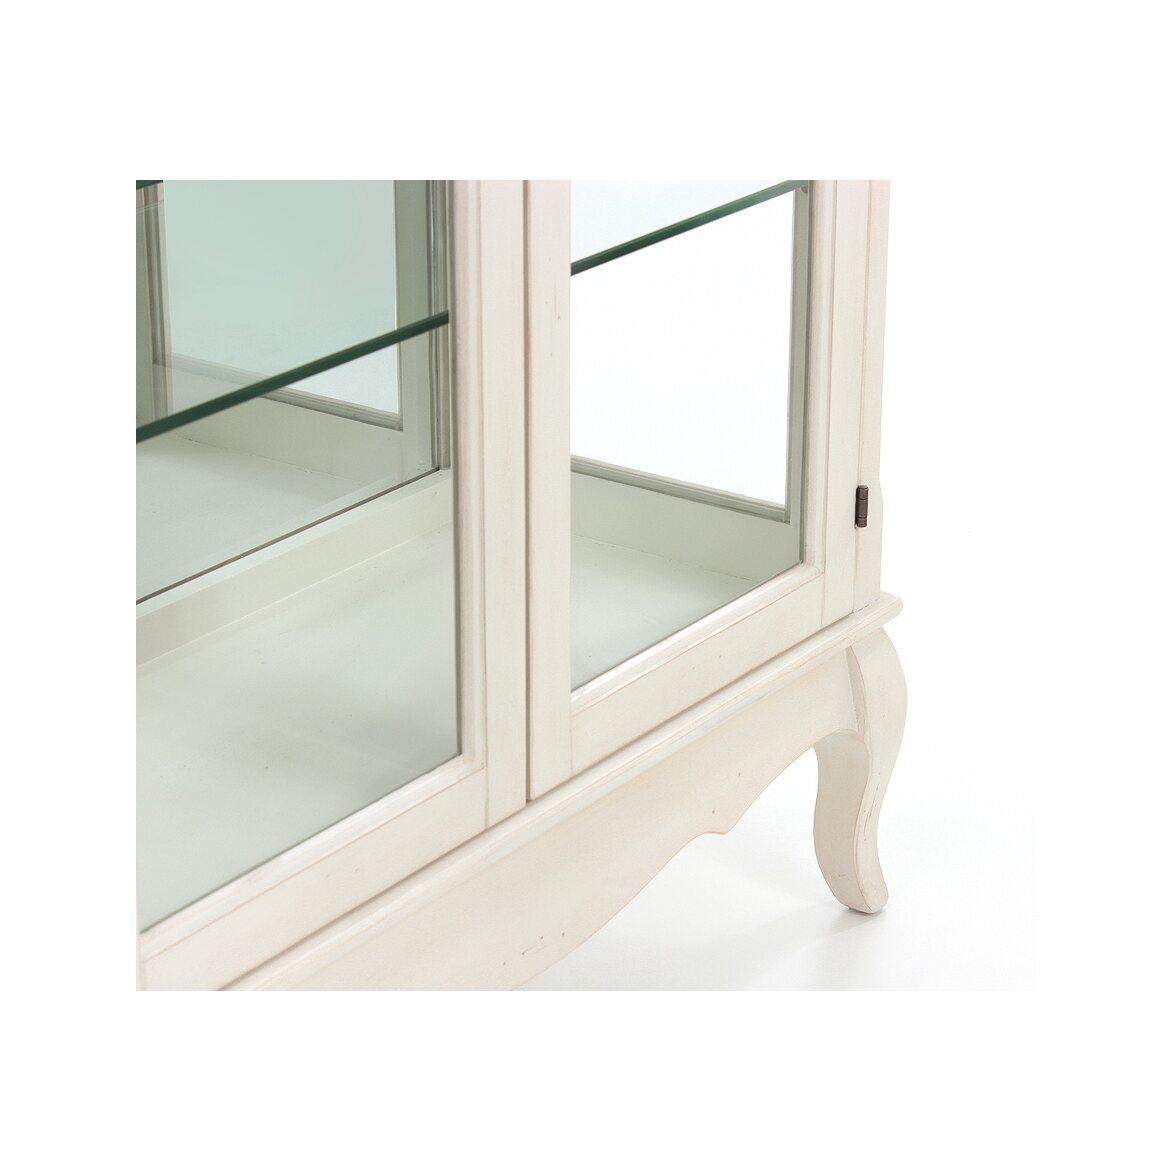 Стеклянная витрина (двойная) Leontina, бежевого цвета 6 | Витрины Kingsby